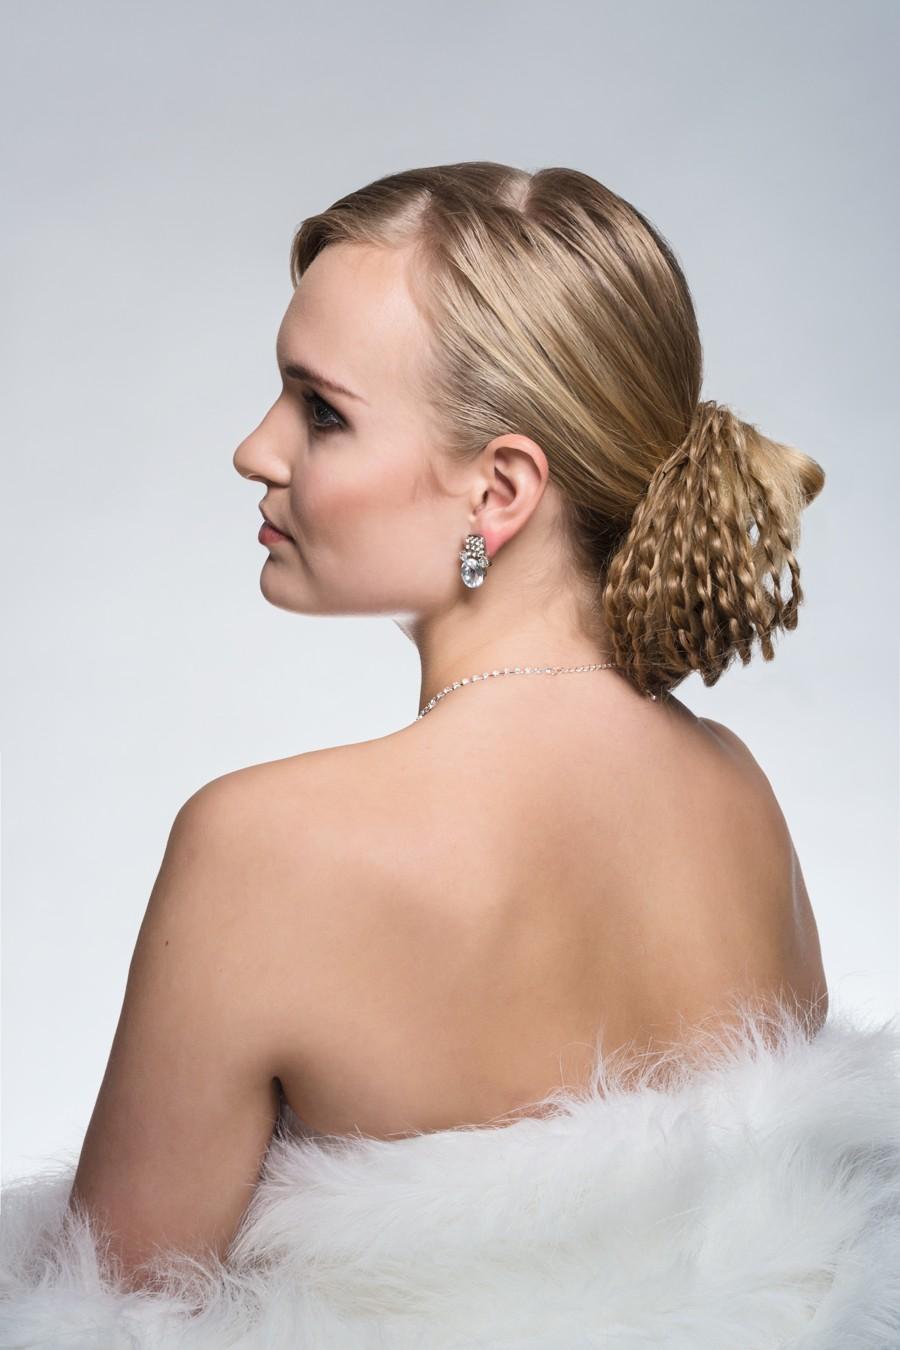 Svatební účes z malých copánků a blondýna z profilu.